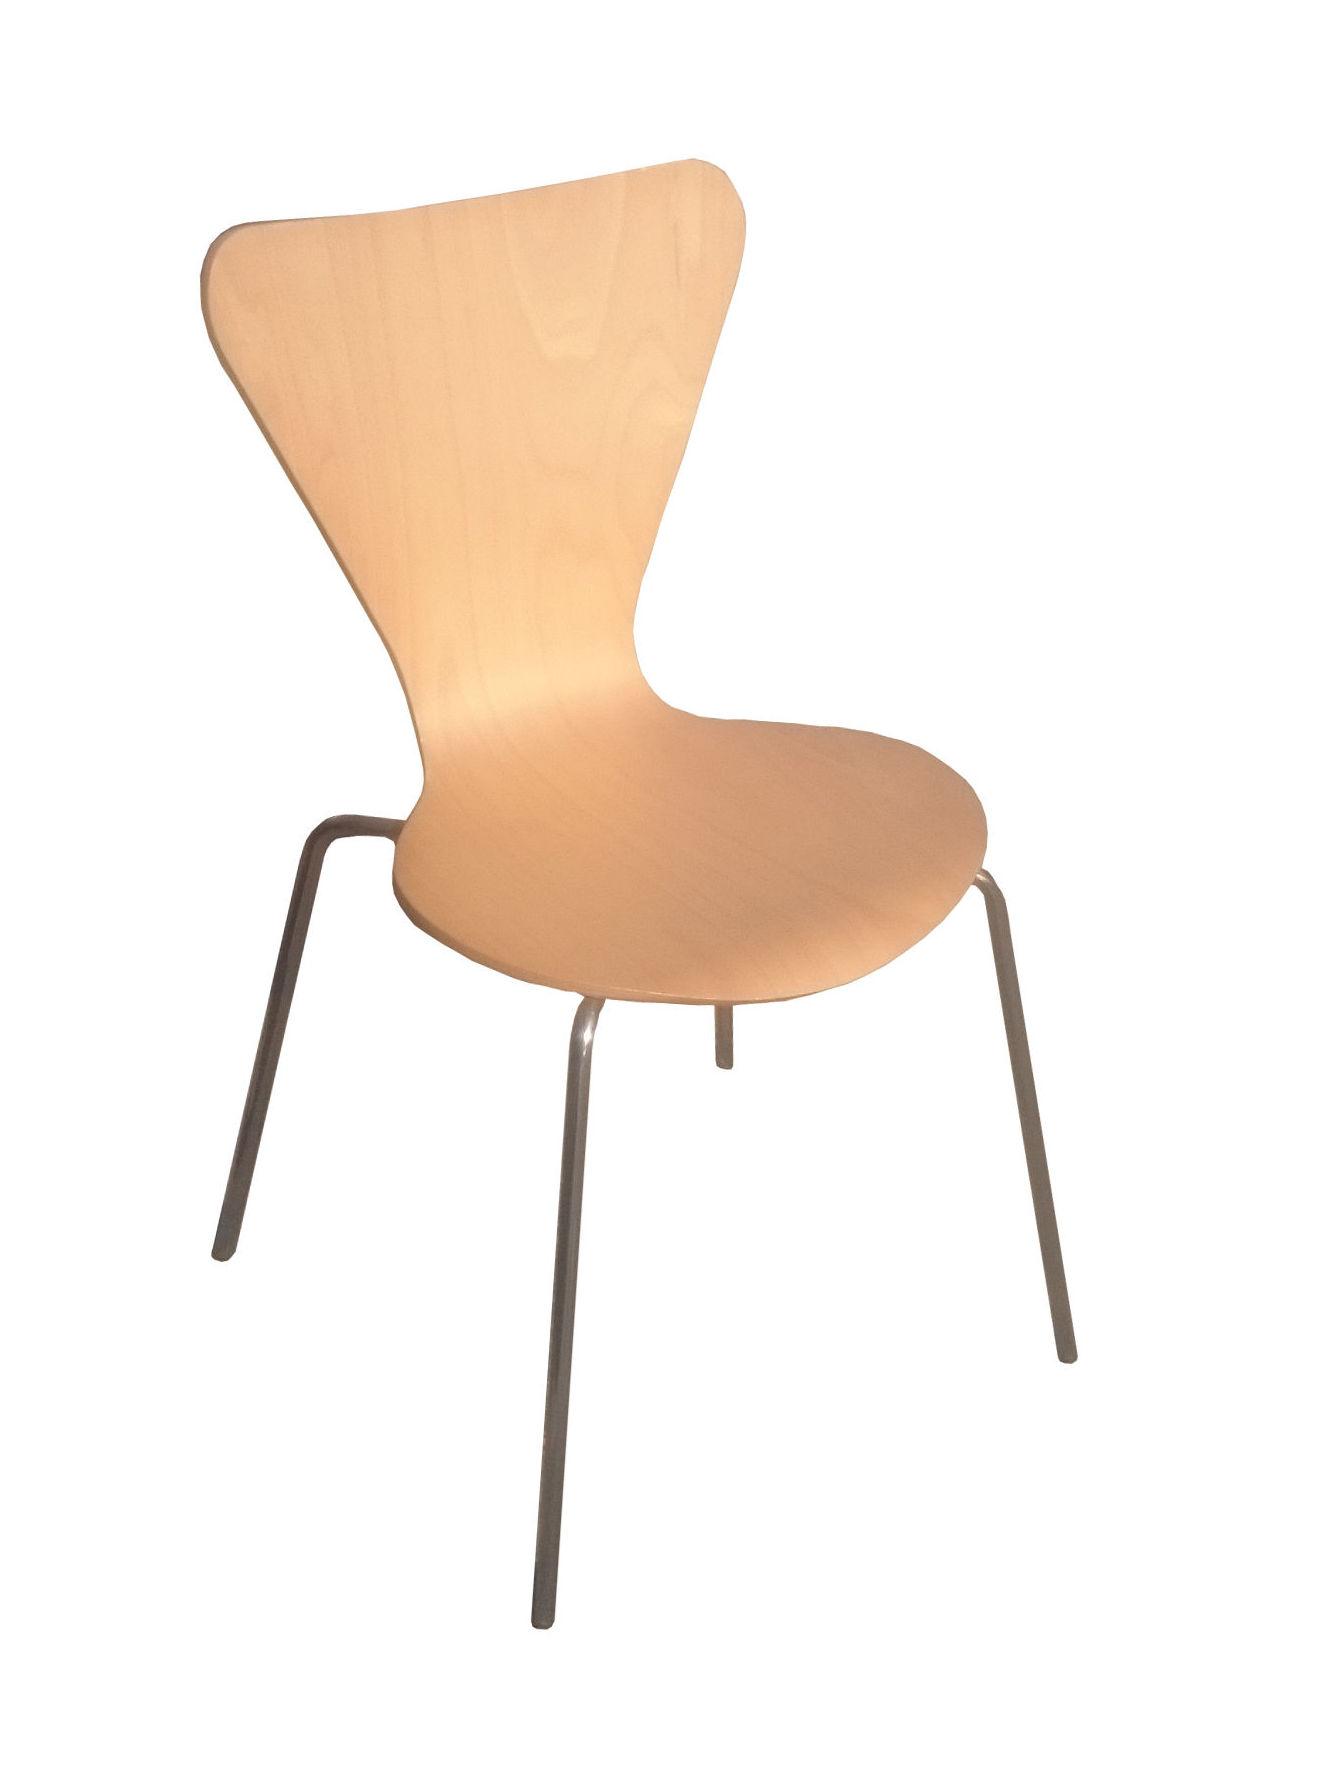 Jacobsen alquiler de mobiliario de stuhl ib rica for Alquiler de mobiliario de oficina